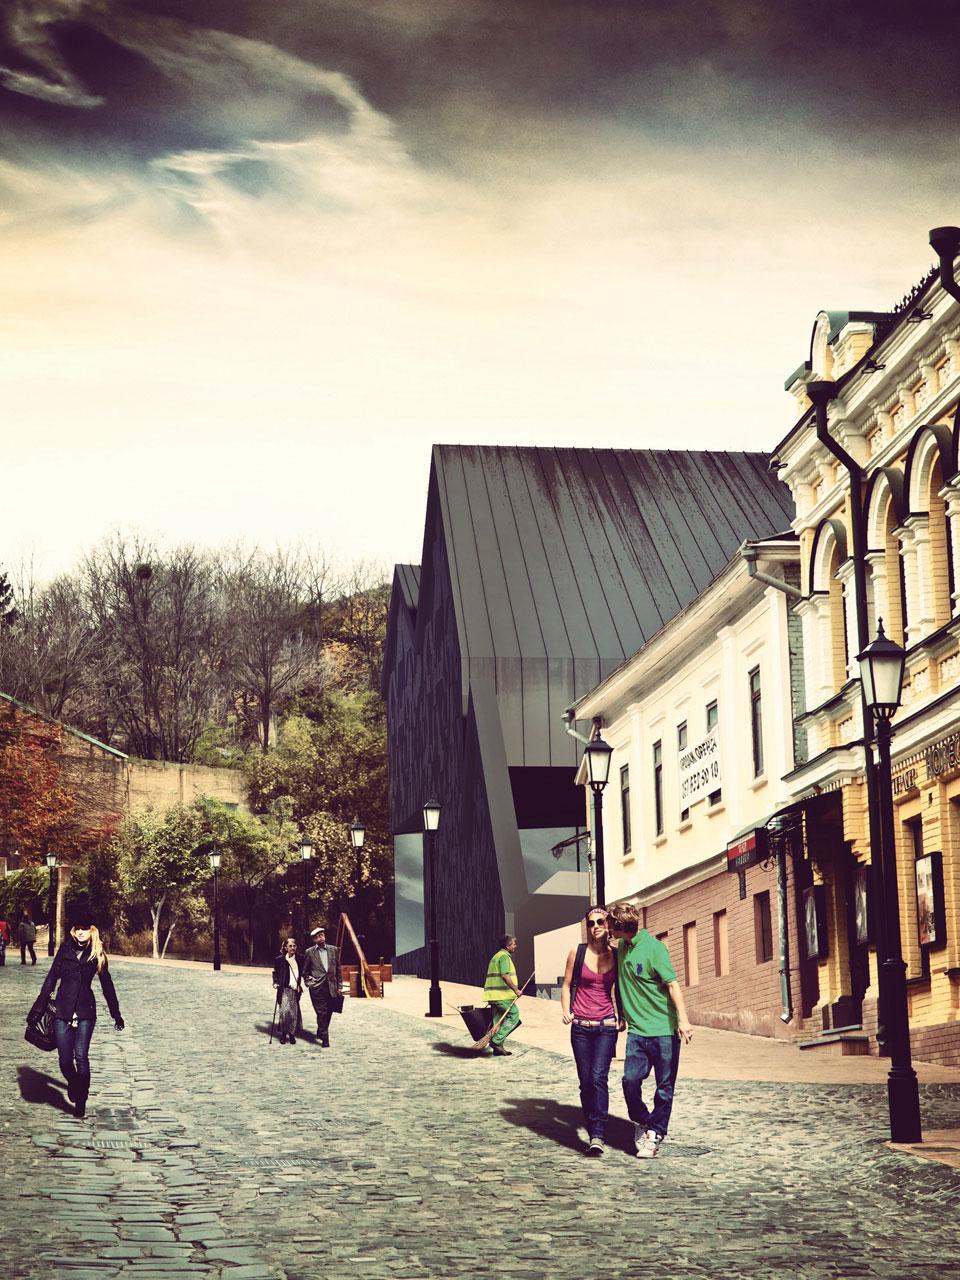 андріївський конкурс - архітектурна концепція культурного простору